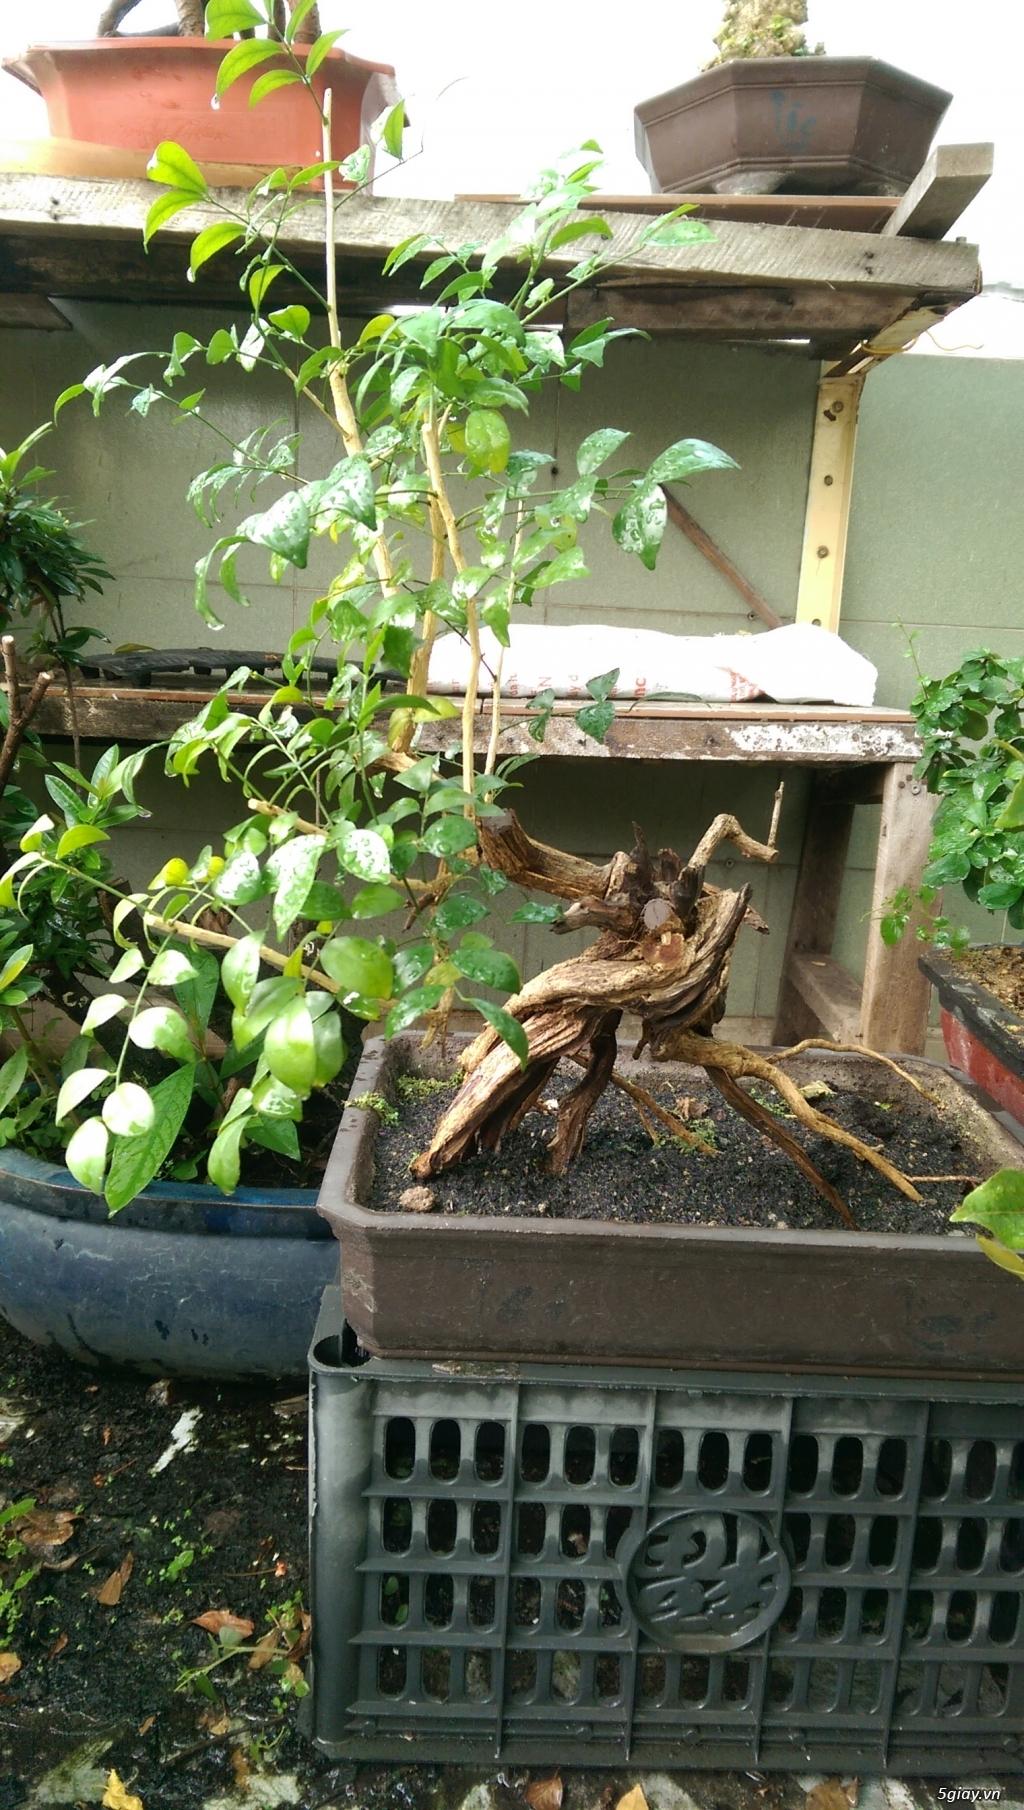 Giao lưu vài em bonsai mini giá mềm!!!